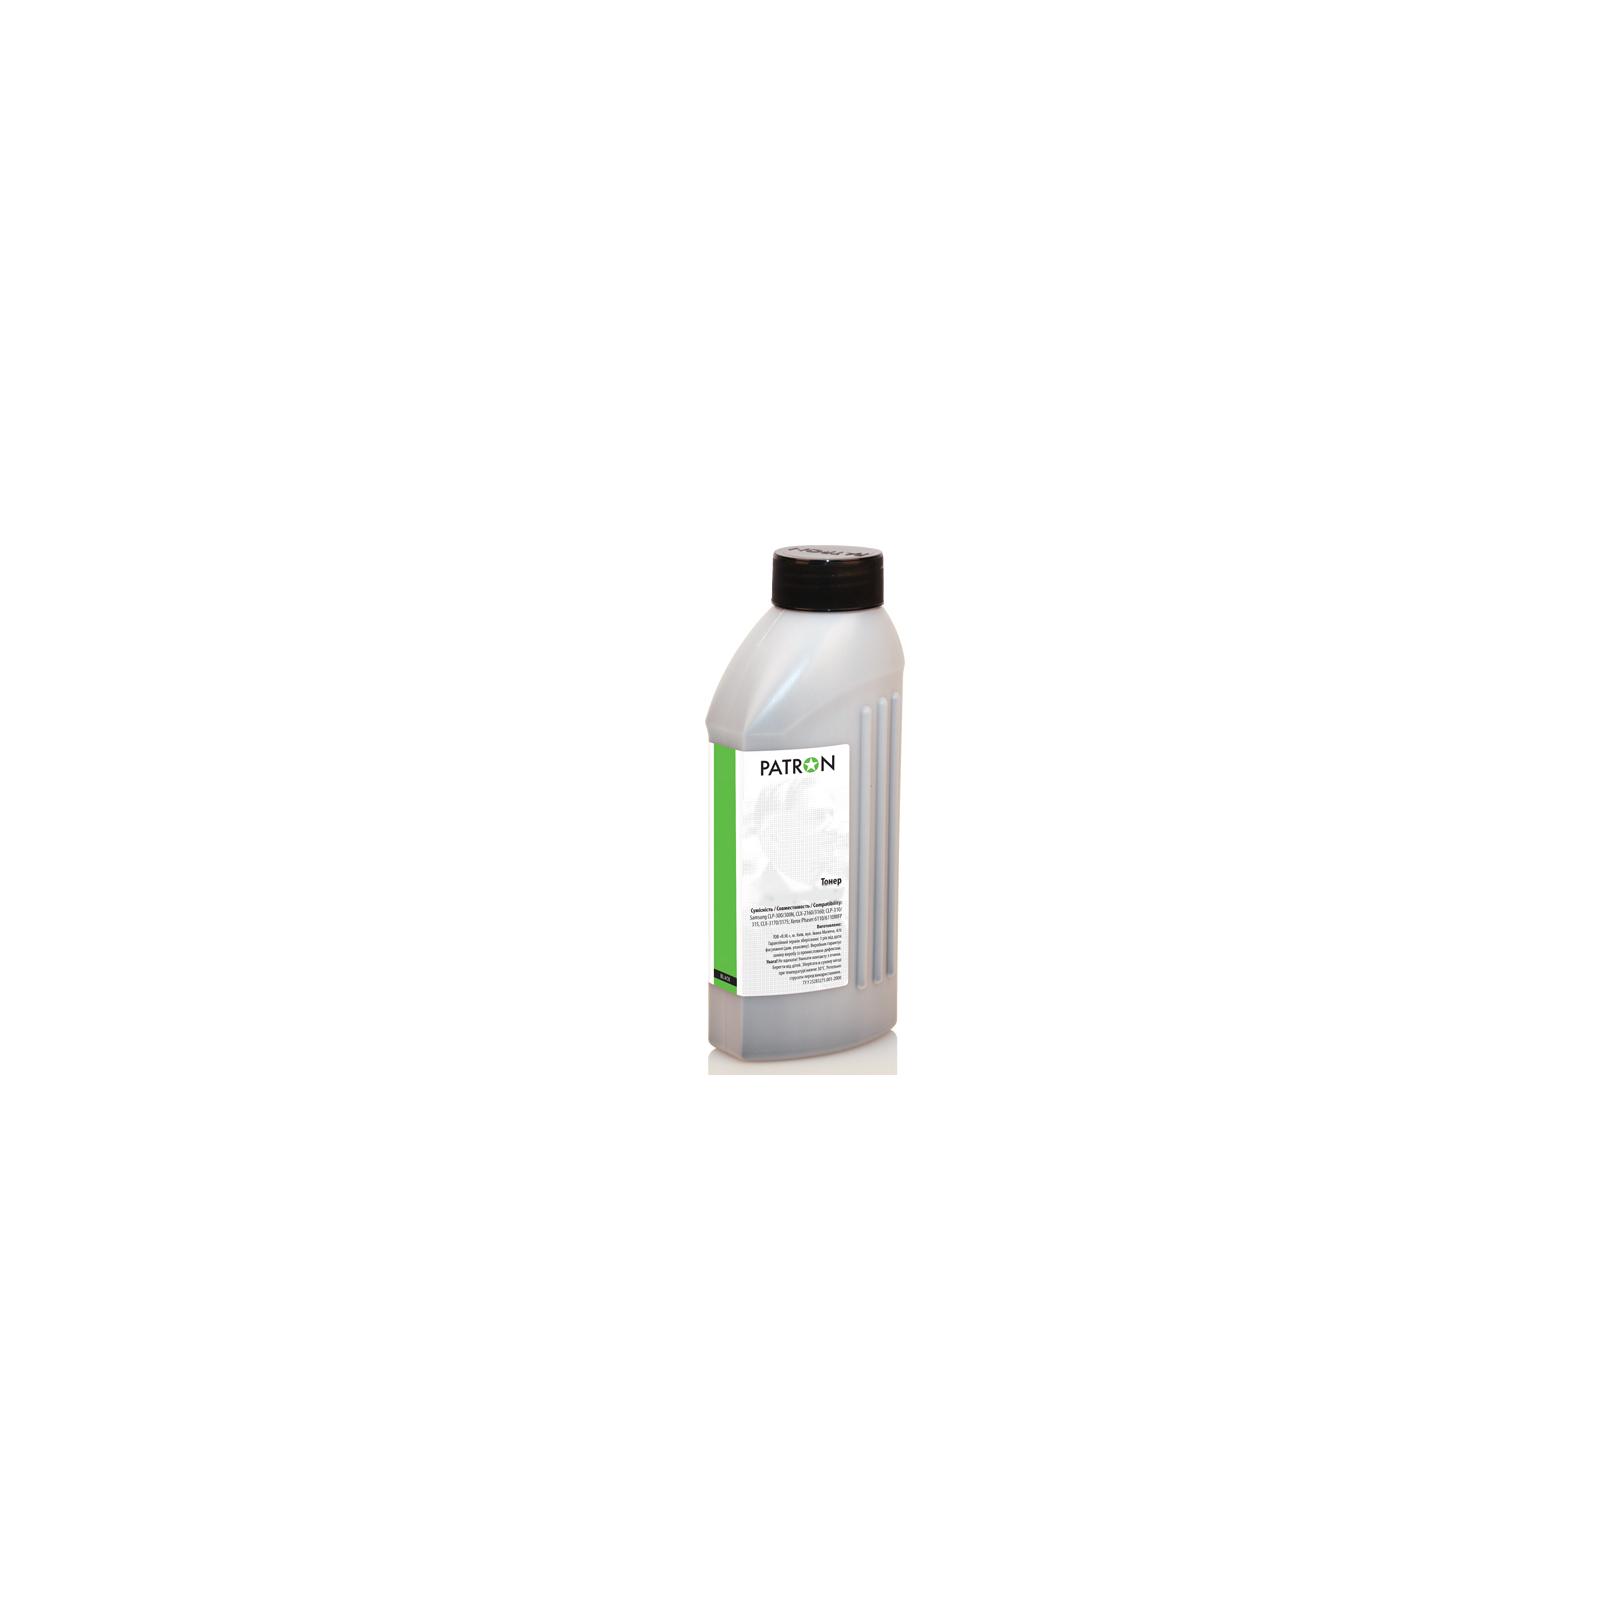 Тонер PATRON EPSON ACULASER M2400D 130г (T-PN-EALM2400-130)